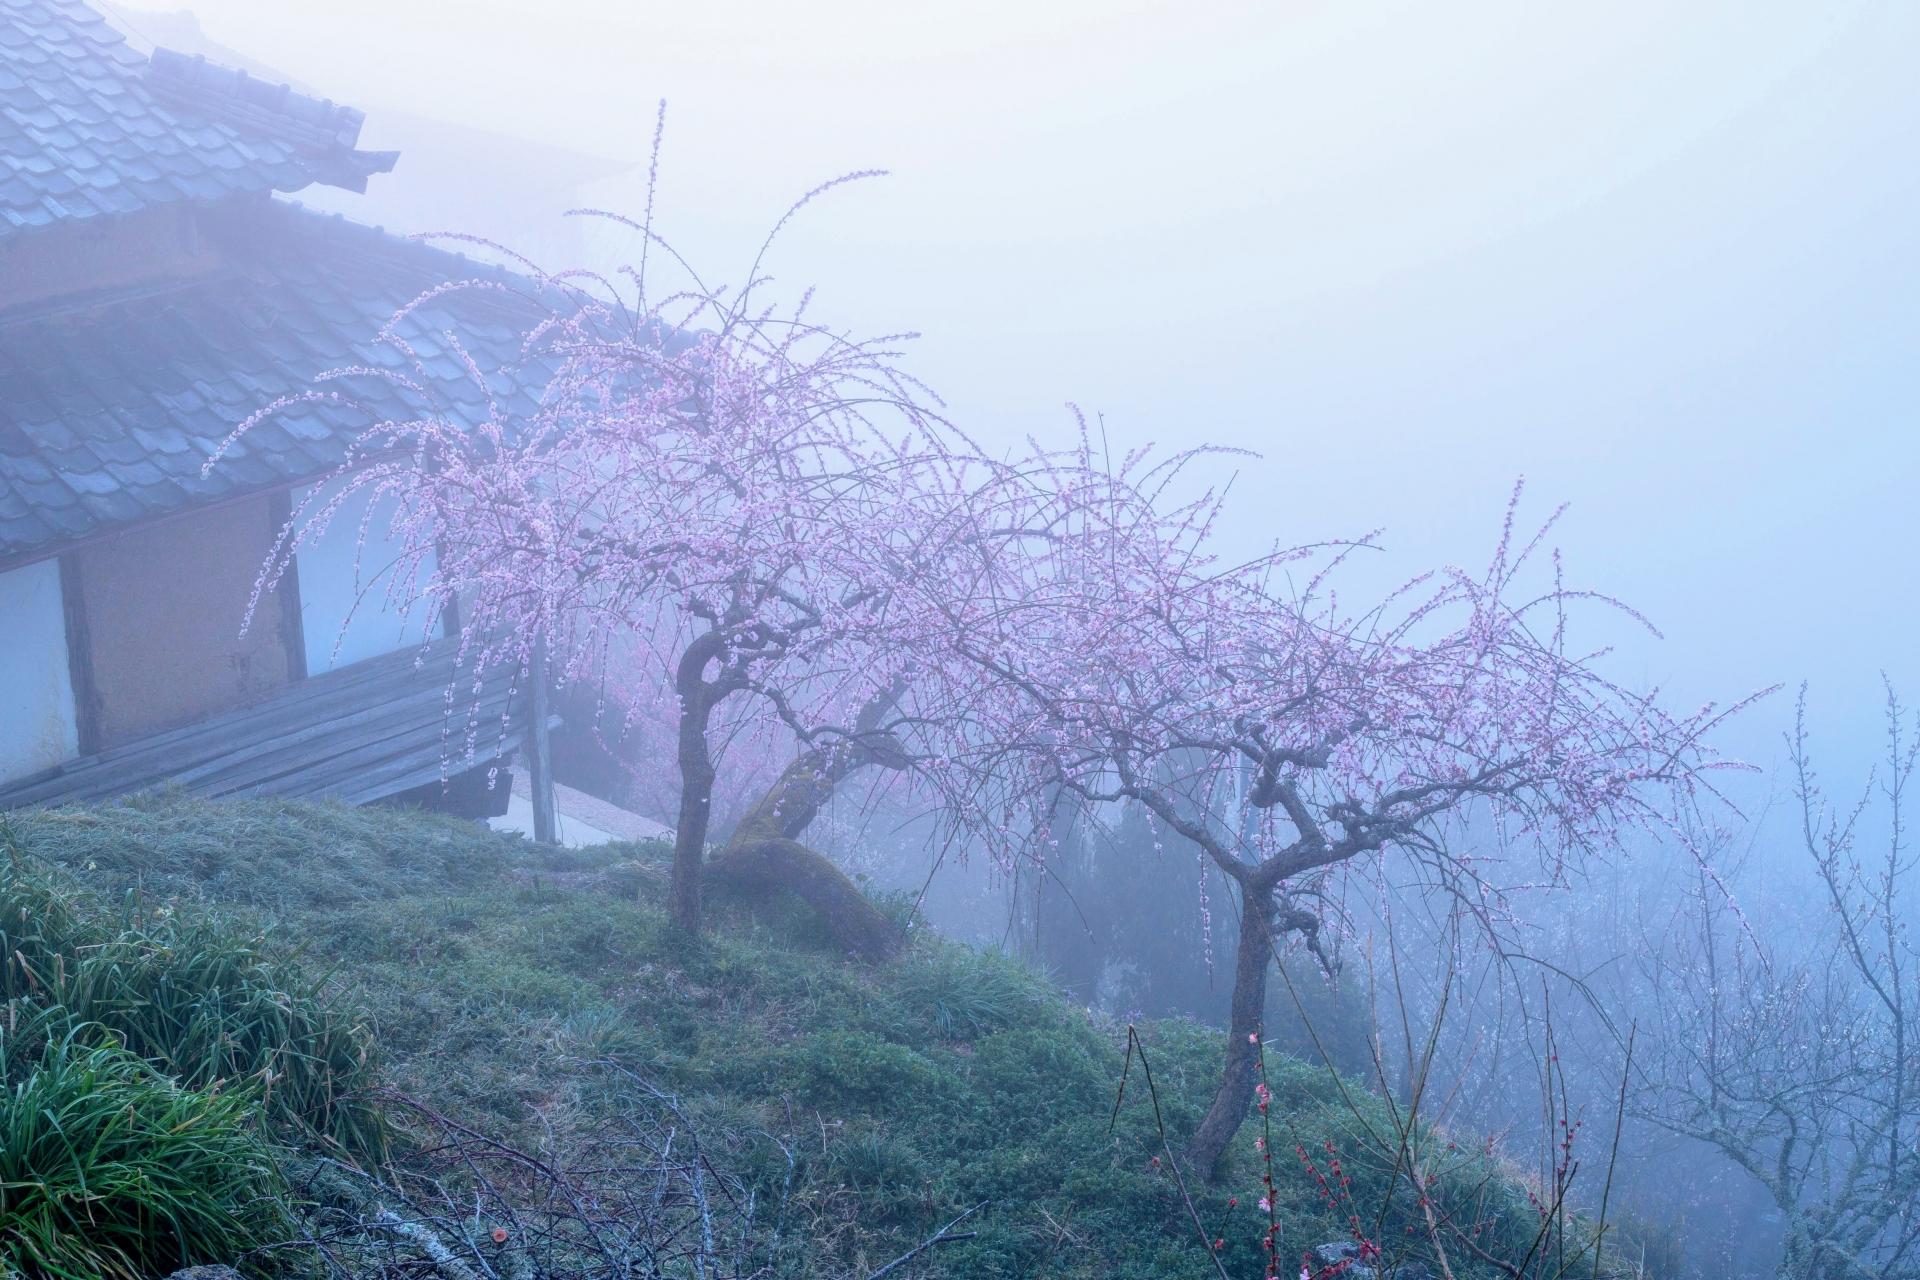 2345063_m 奈良県  月ヶ瀬梅林(約1万本の梅が咲く春におすすめの絶景スポット!雲海も見所! 写真の紹介、アクセス情報や駐車場情報など)